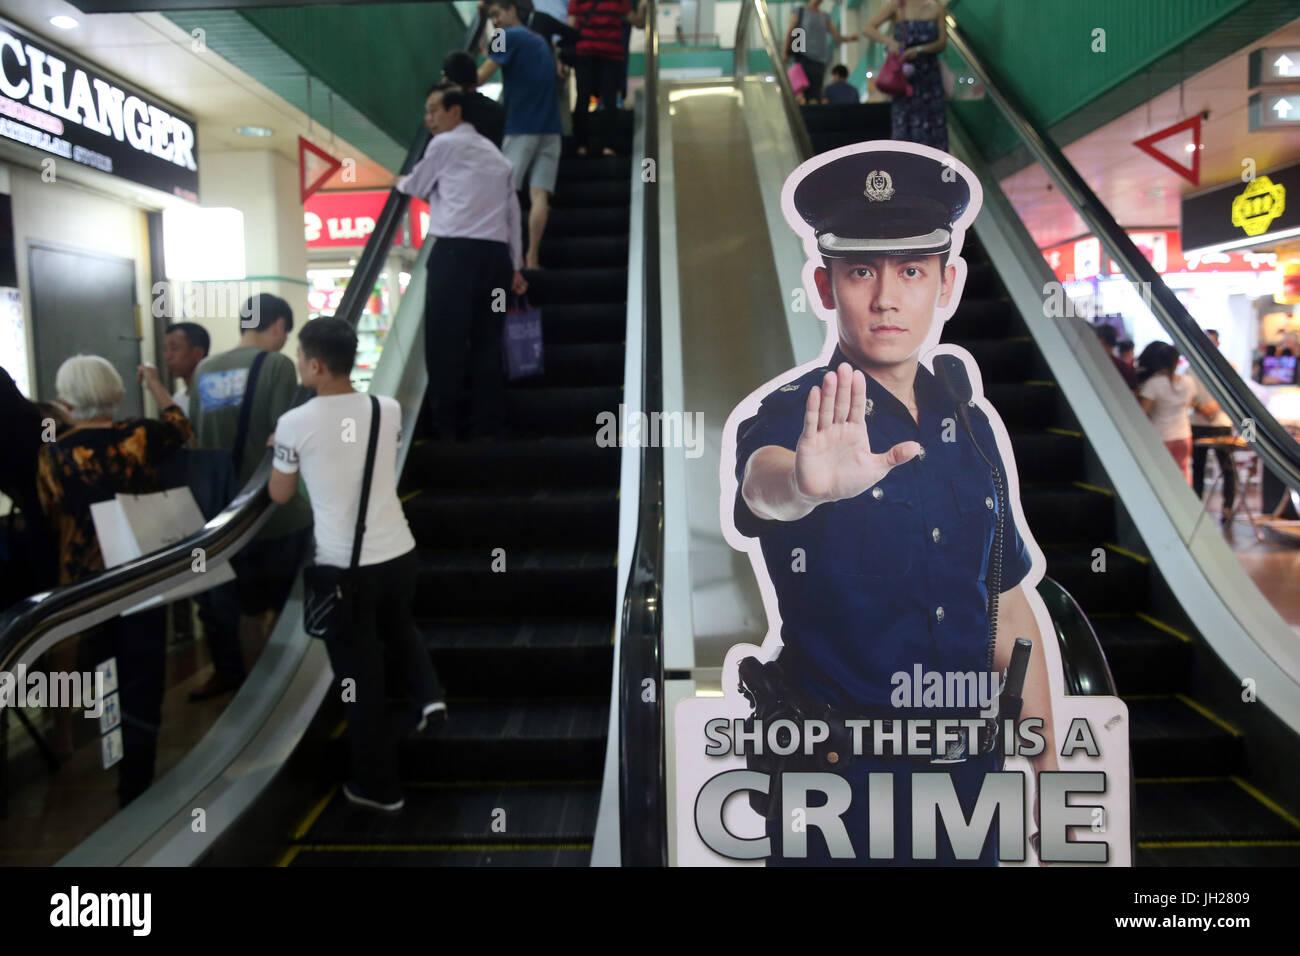 Acquista il furto è un segno della criminalità. Singapore. Immagini Stock